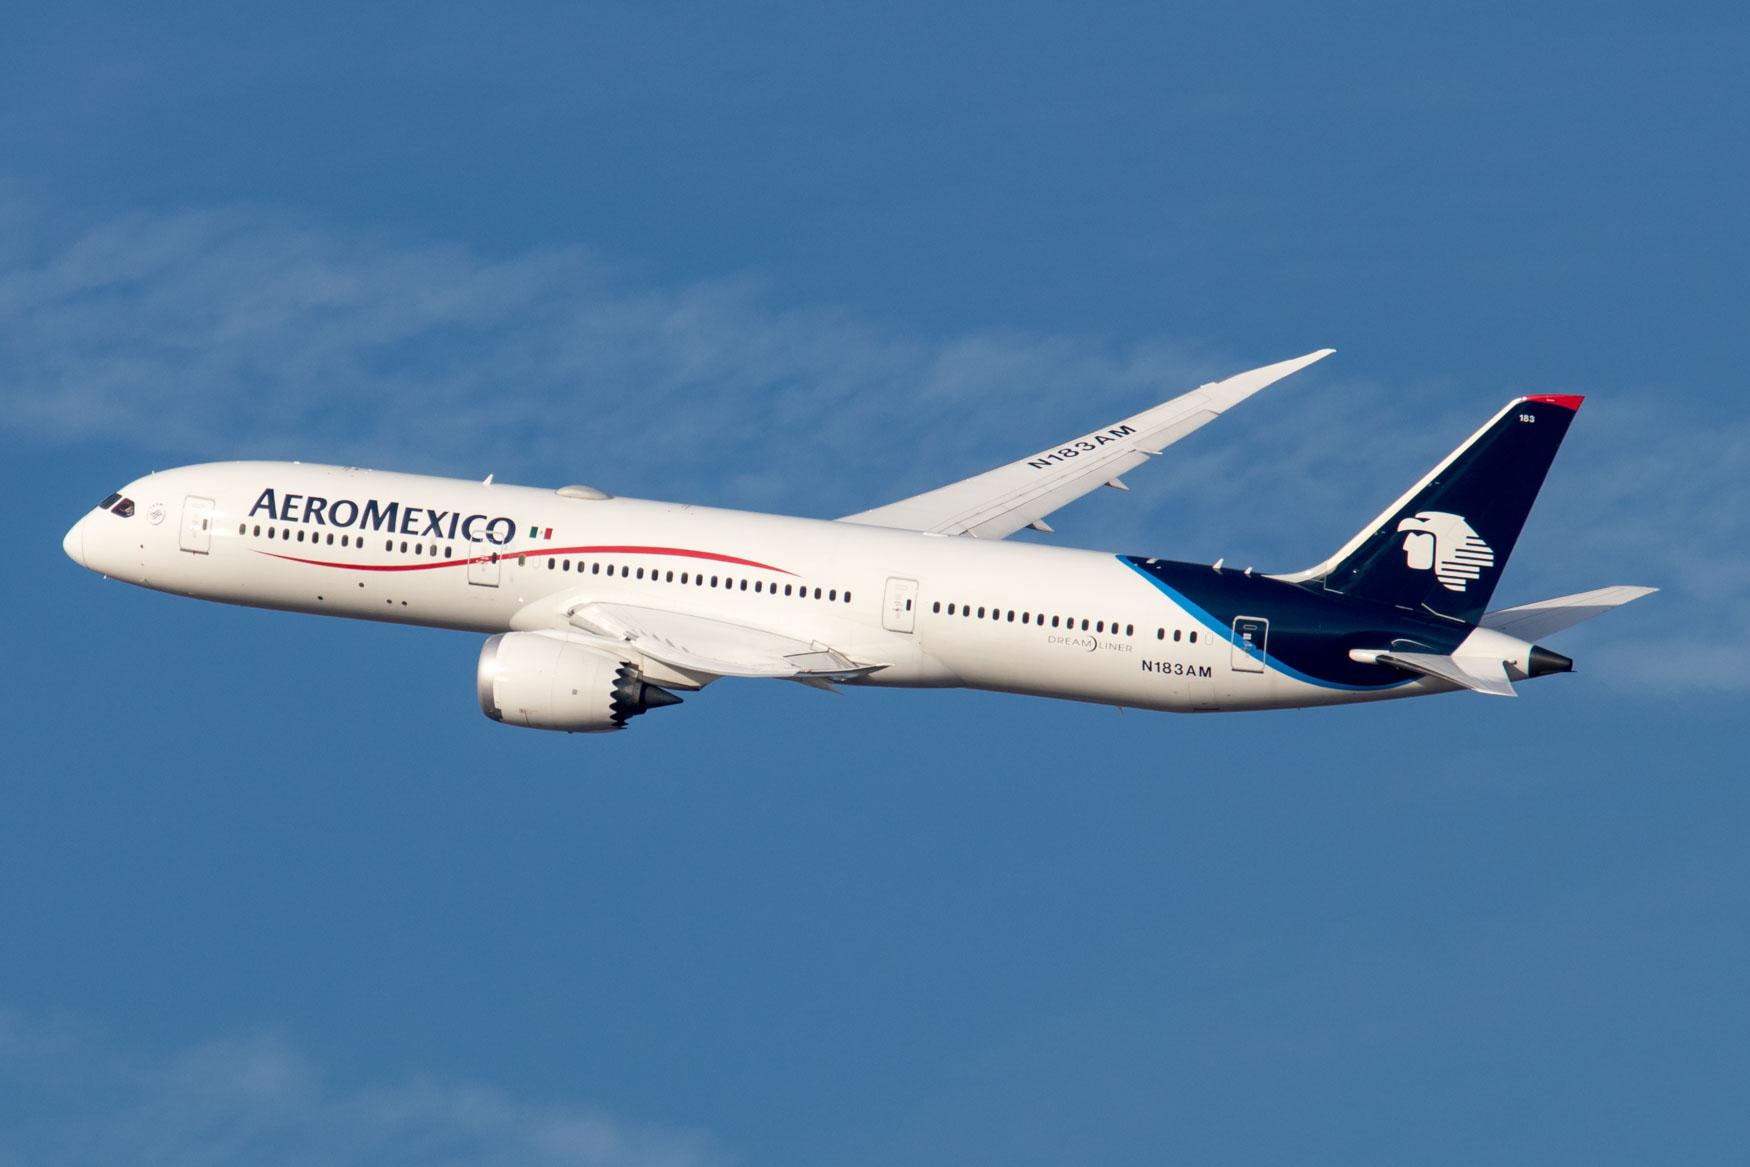 AeroMexico 787 Landing at JFK